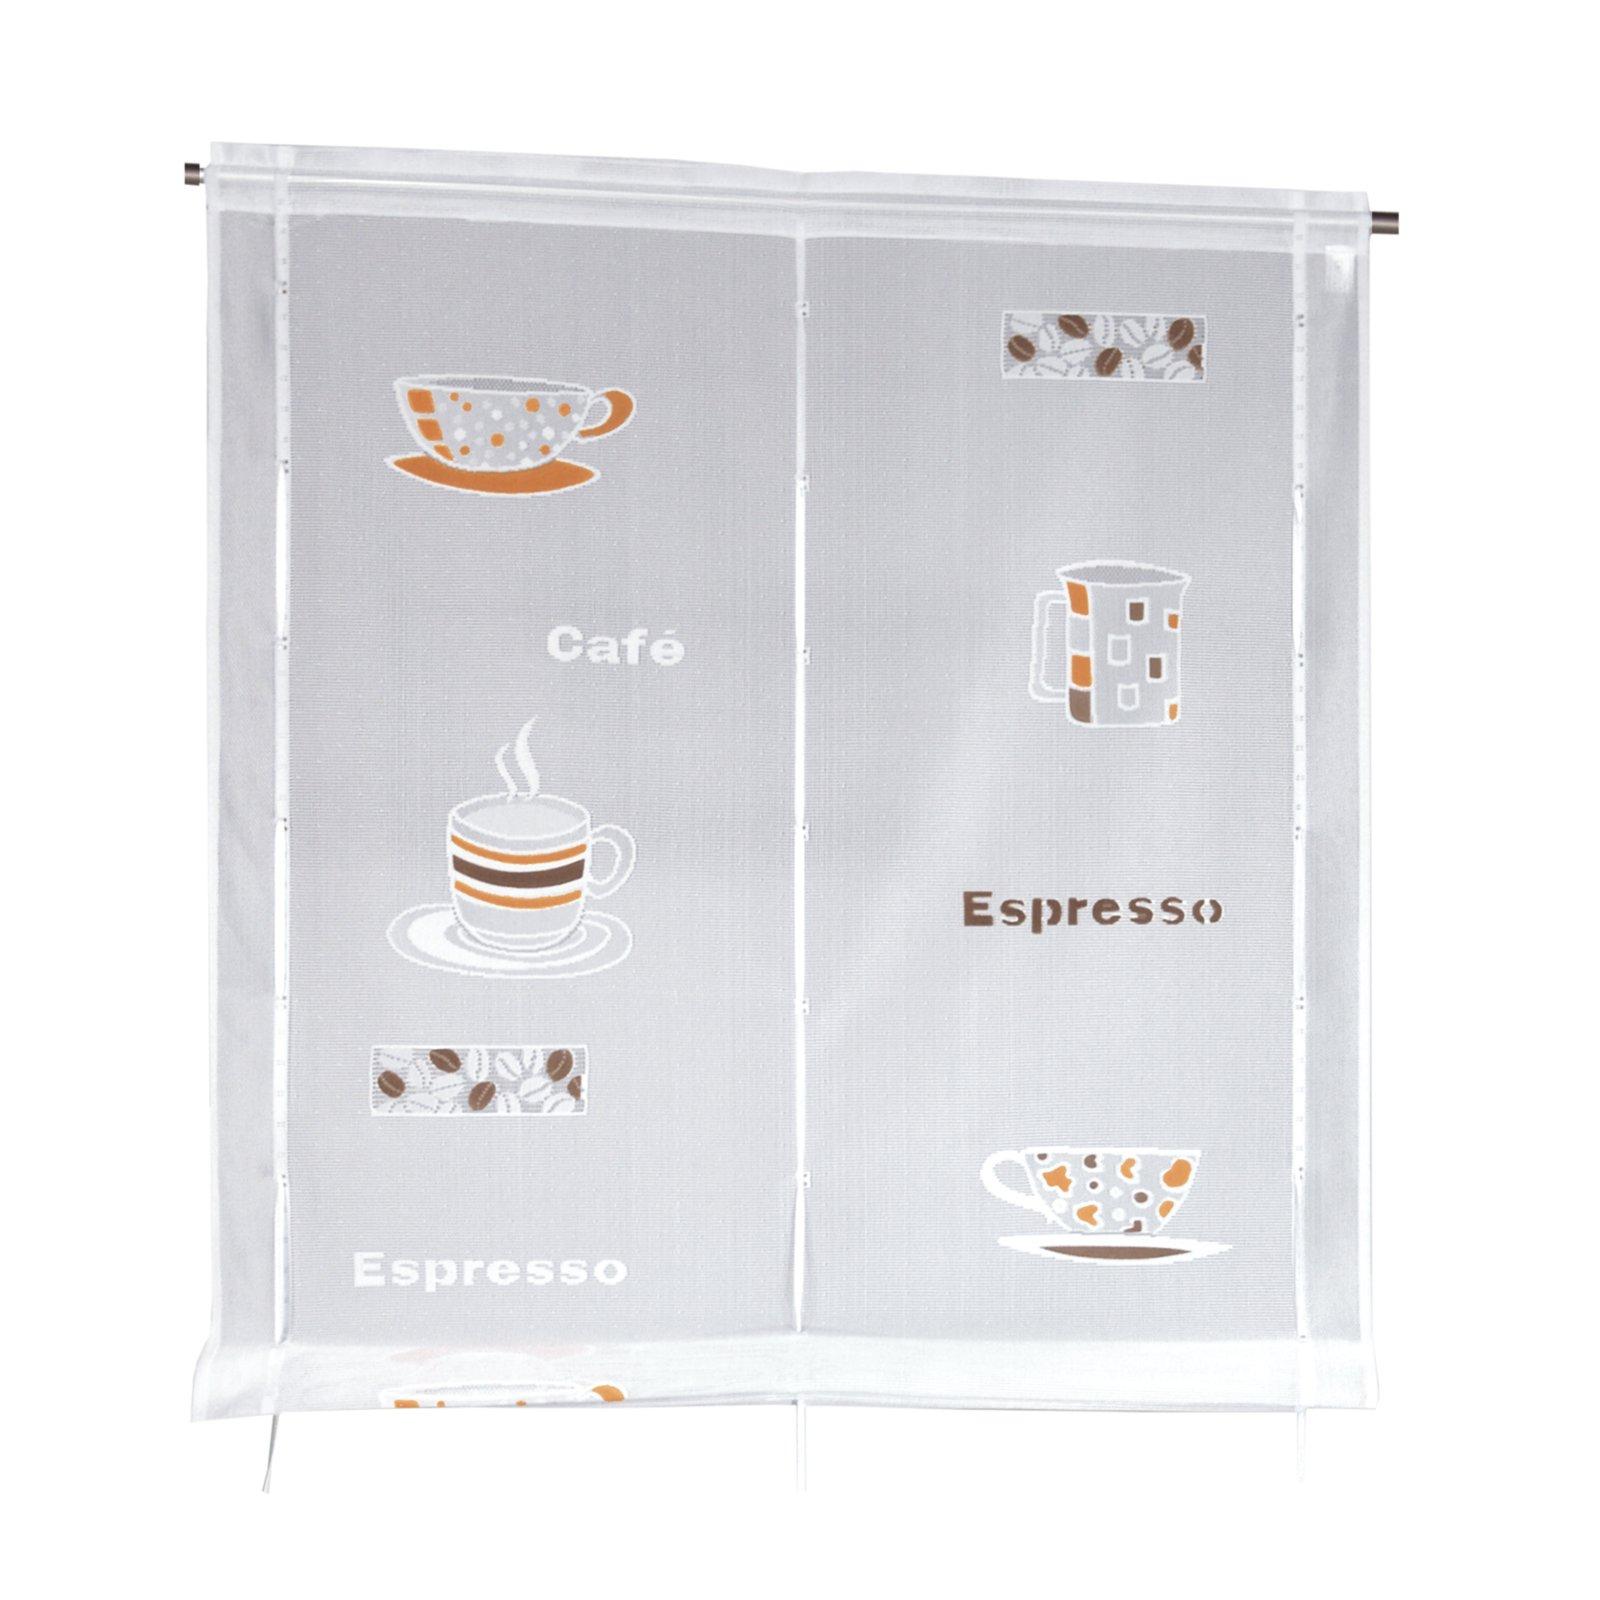 raffrollo cafe wei satinb nder 80x120 cm transparente raffrollos raffrollos rollos. Black Bedroom Furniture Sets. Home Design Ideas